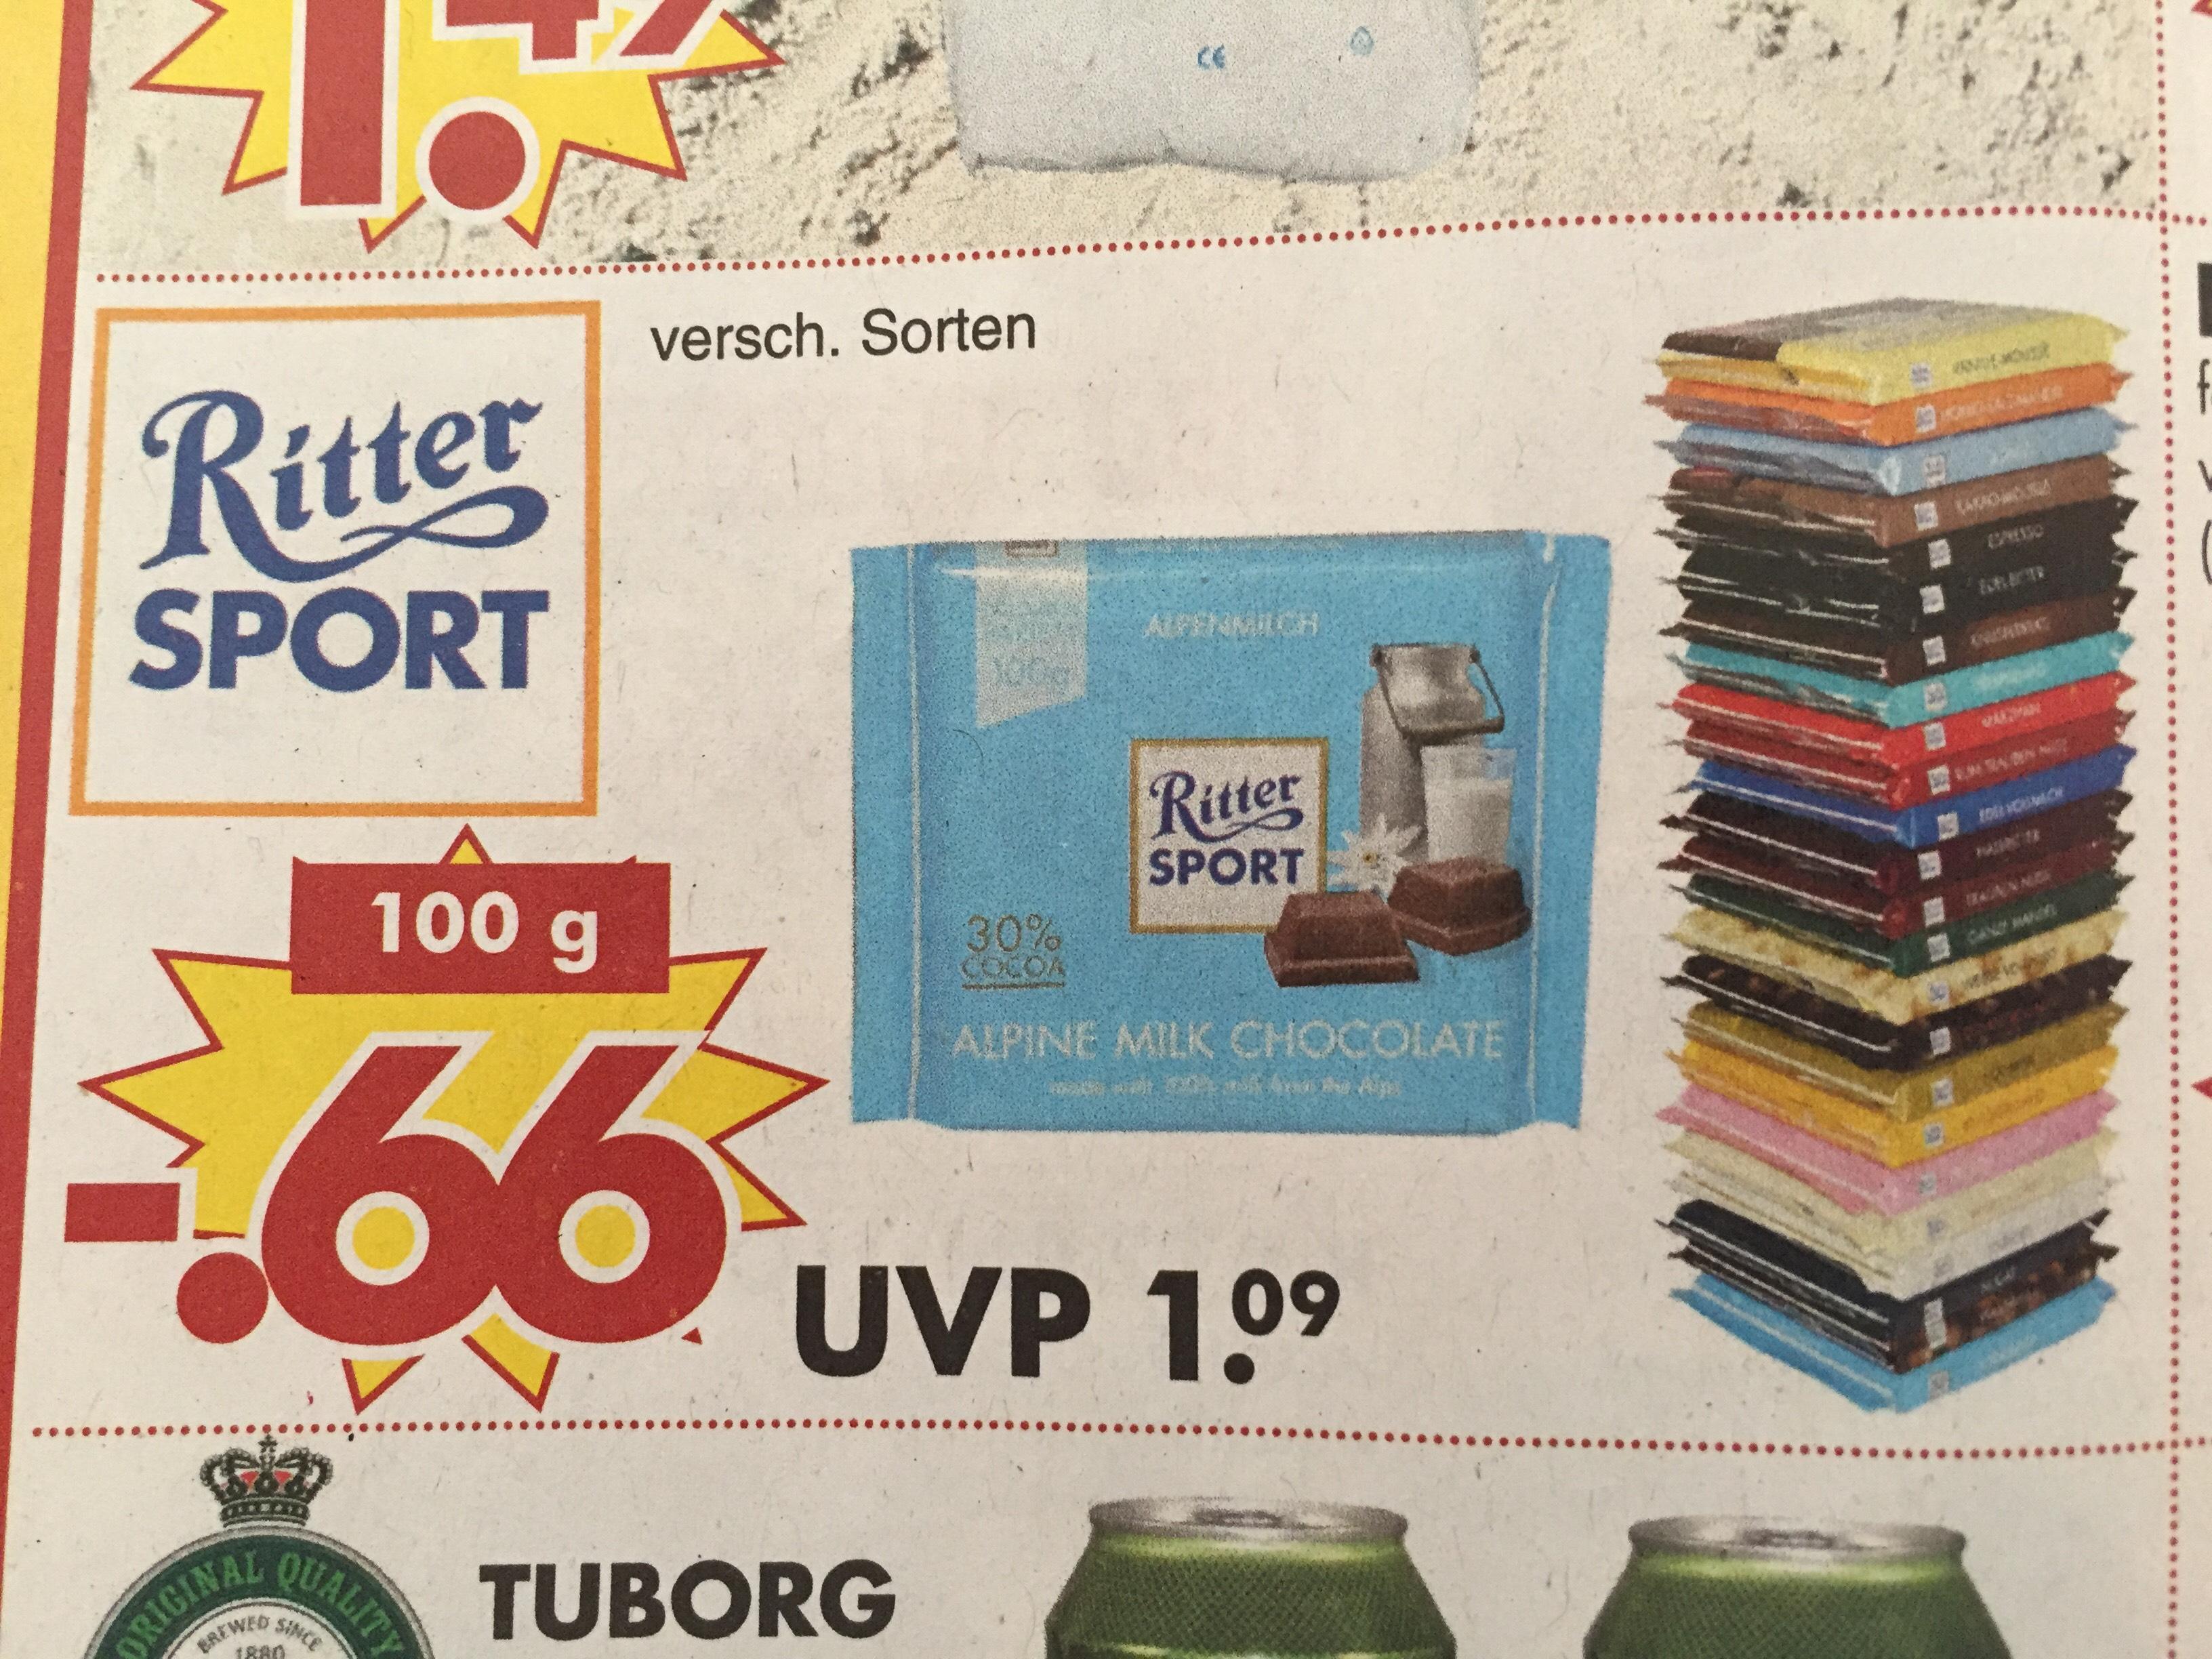 """100g Ritter Sport 0,66€ bei JAWOLL """" 23+24.03"""" diverse Sorten"""